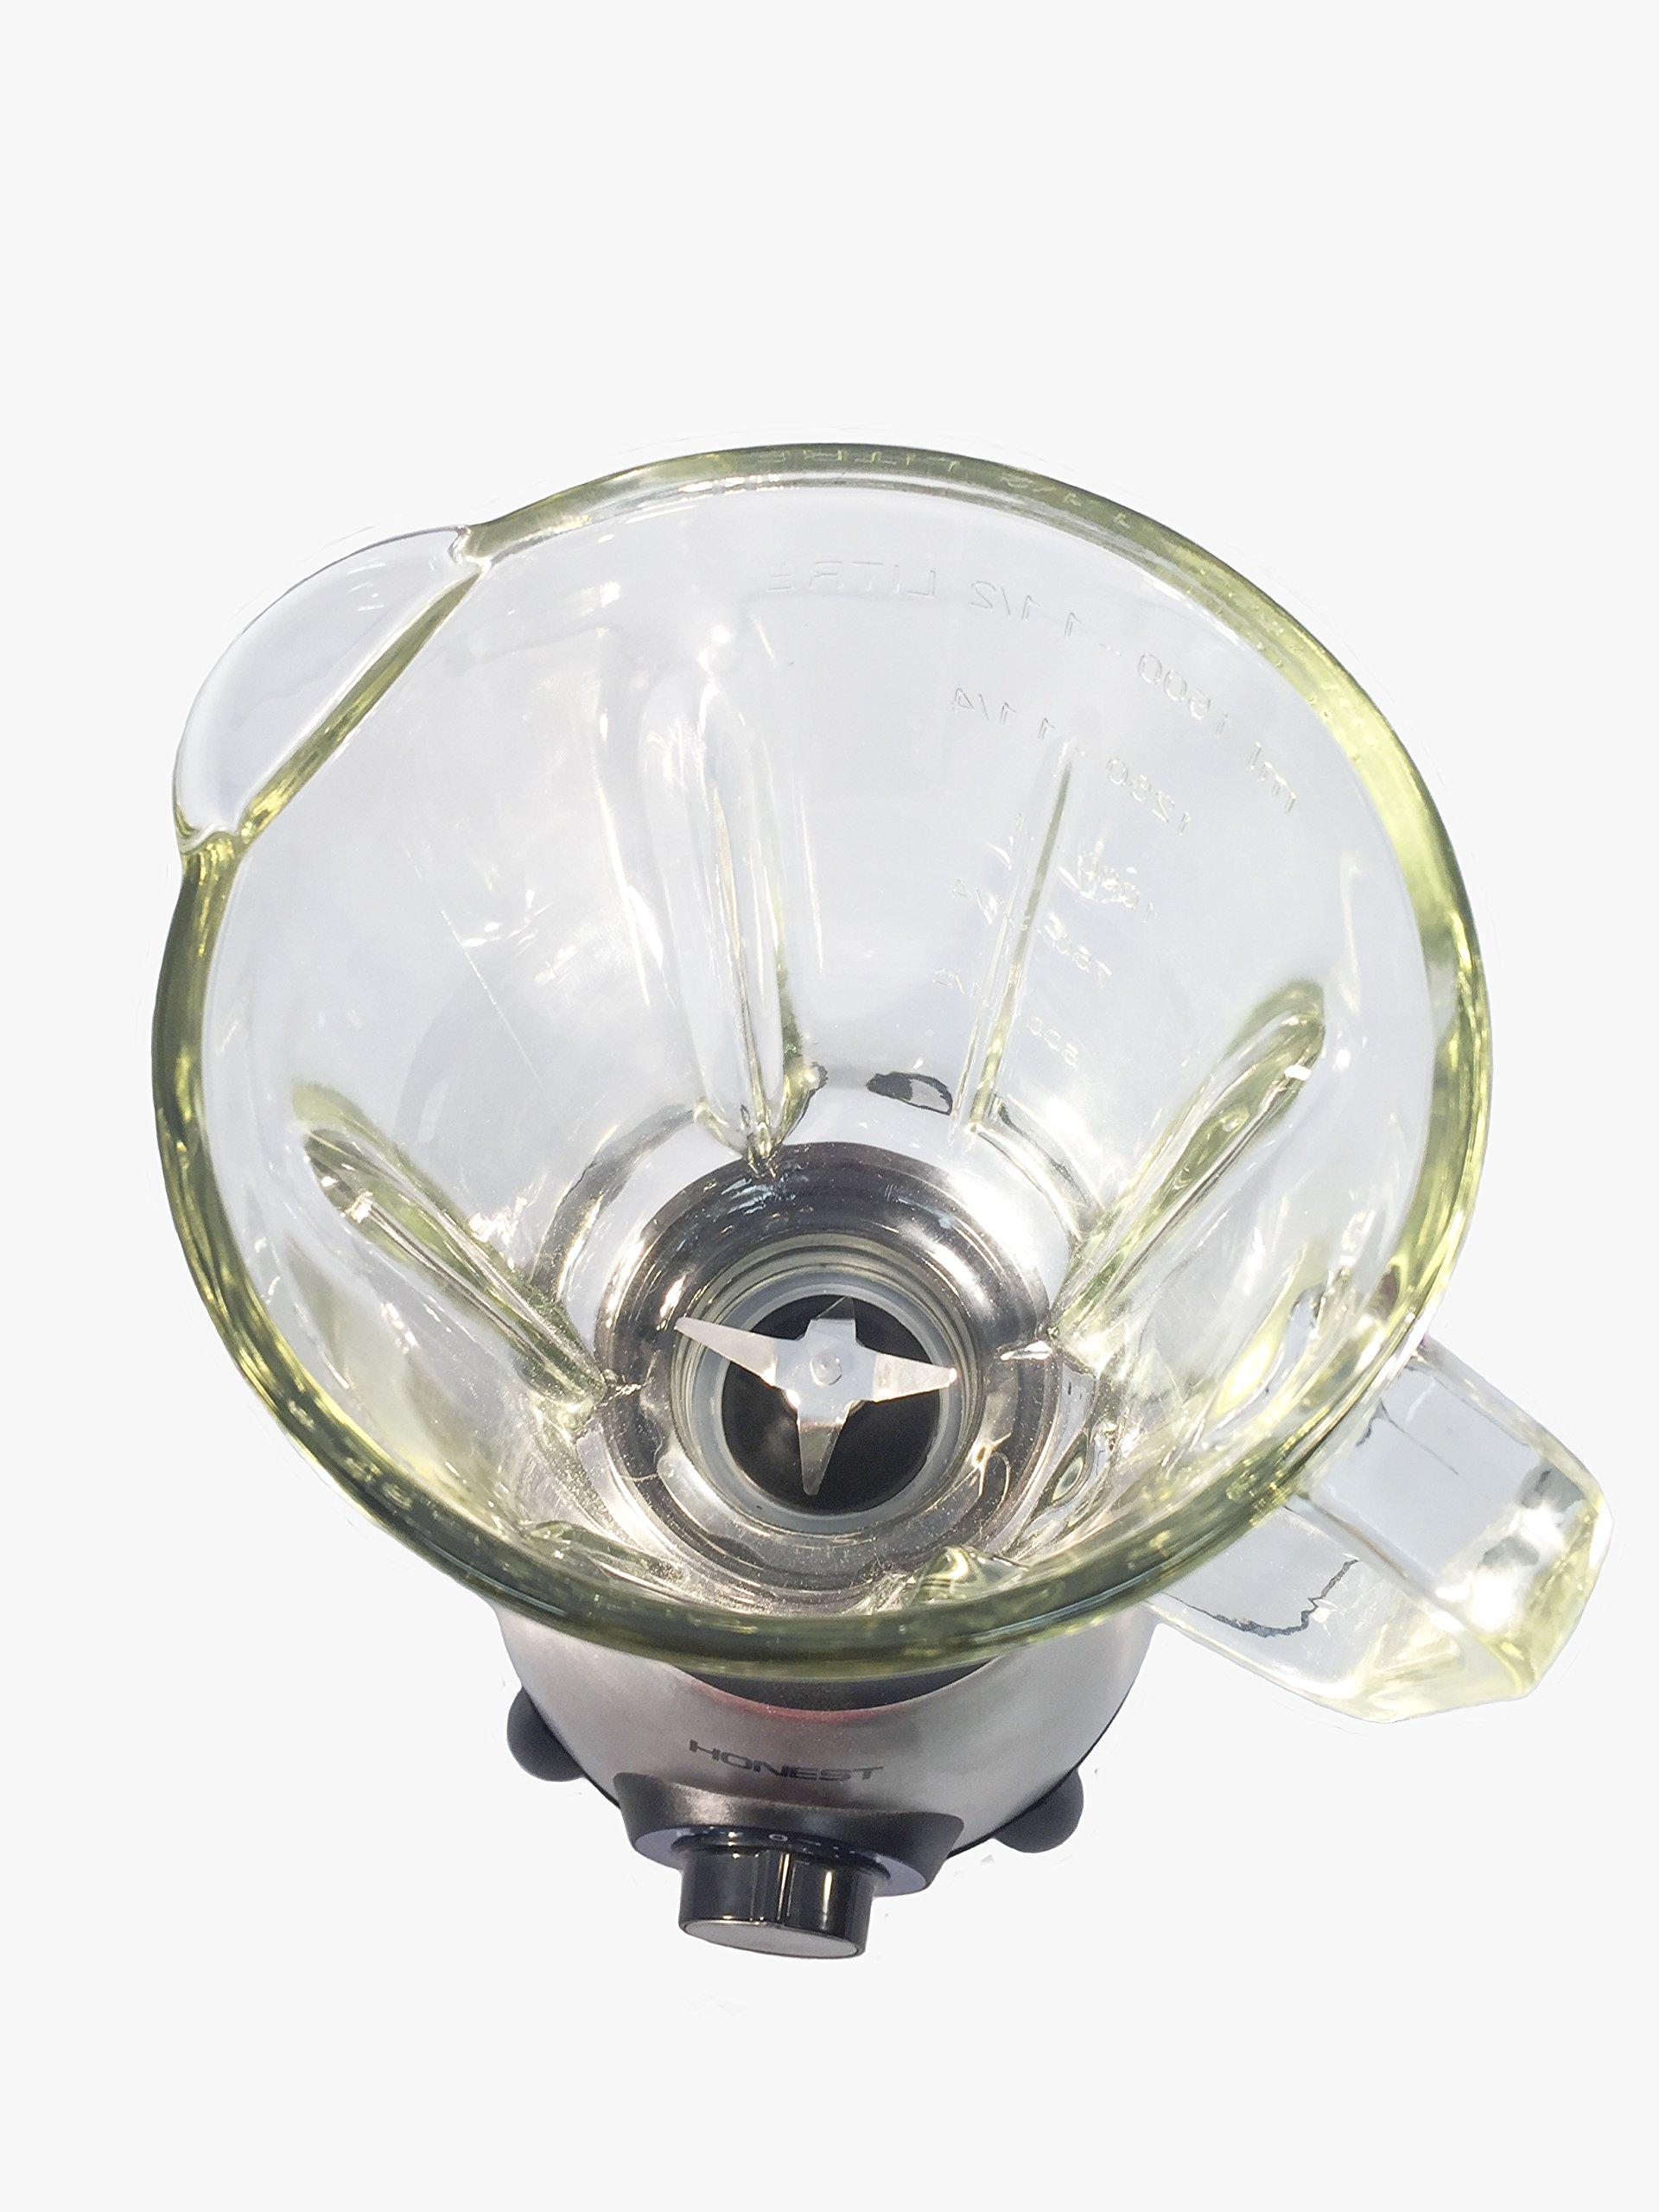 Honest Licuadora BL-600, Jarra Cristal de 1.5 l: Amazon.es